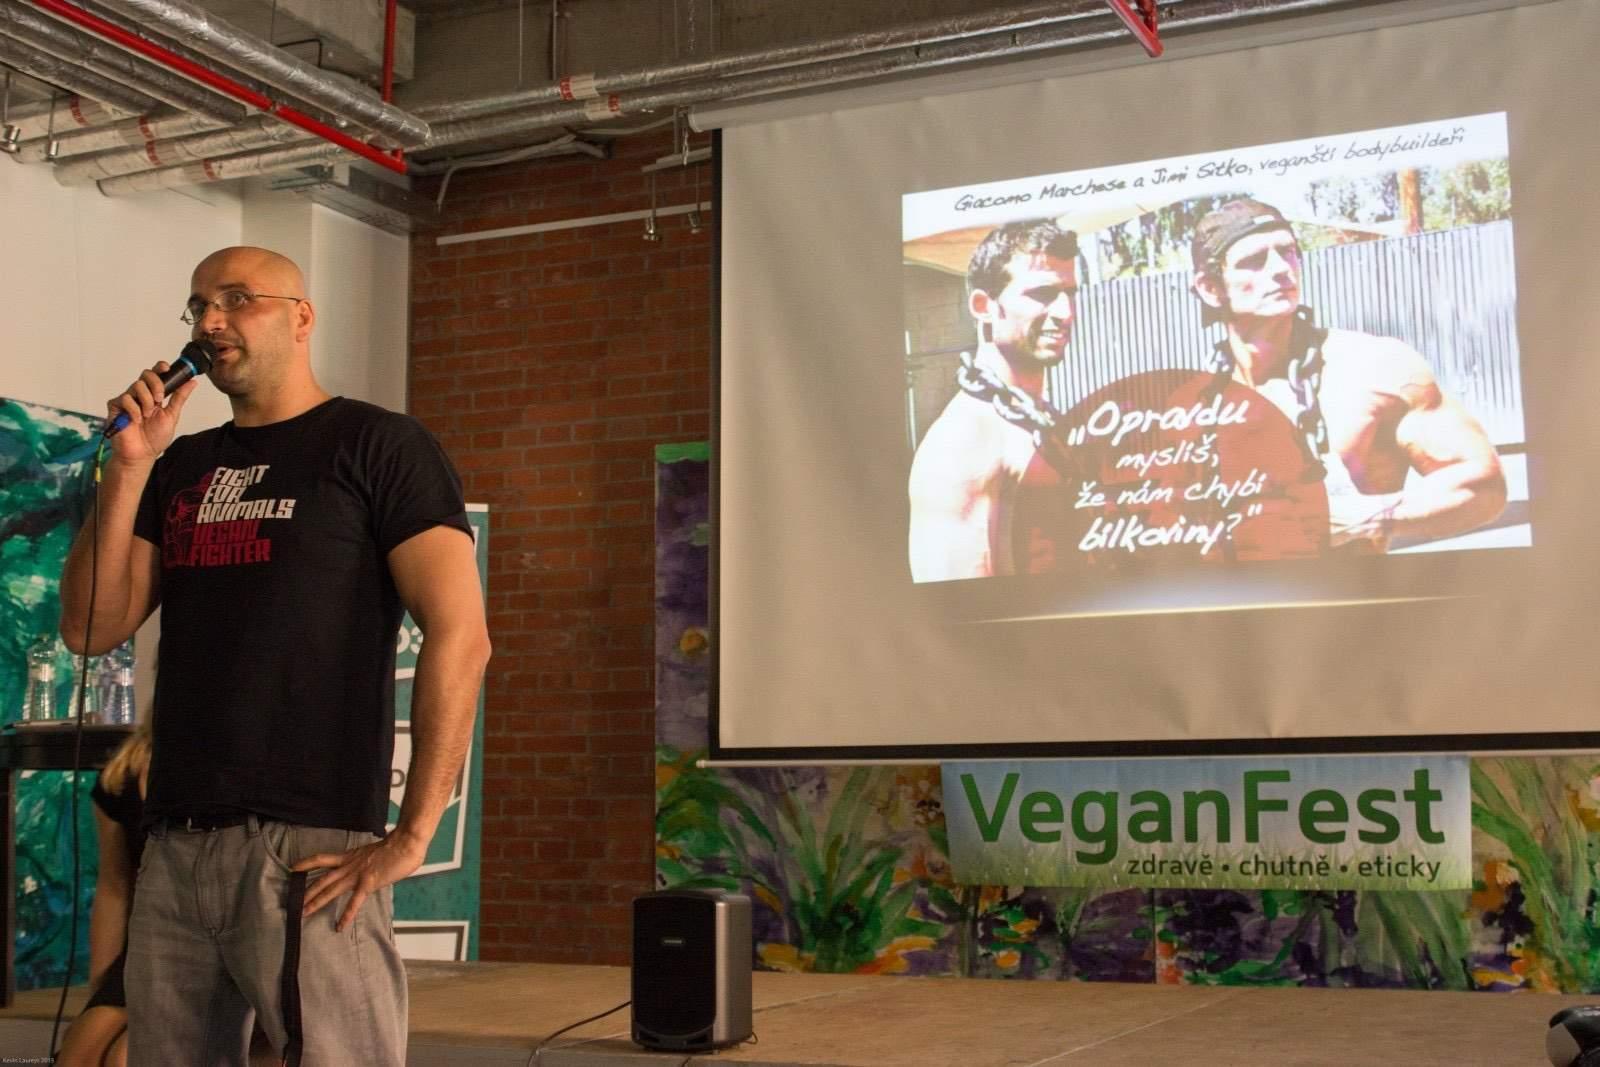 Jedna z nejoblíbenějších přednášek je od vrcholových sportovců ze skupiny Vegan Fighter. Na fotografii mluví thaiboxer a kickboxer Jan Müller | Foto: Kolektiv pro zvířata